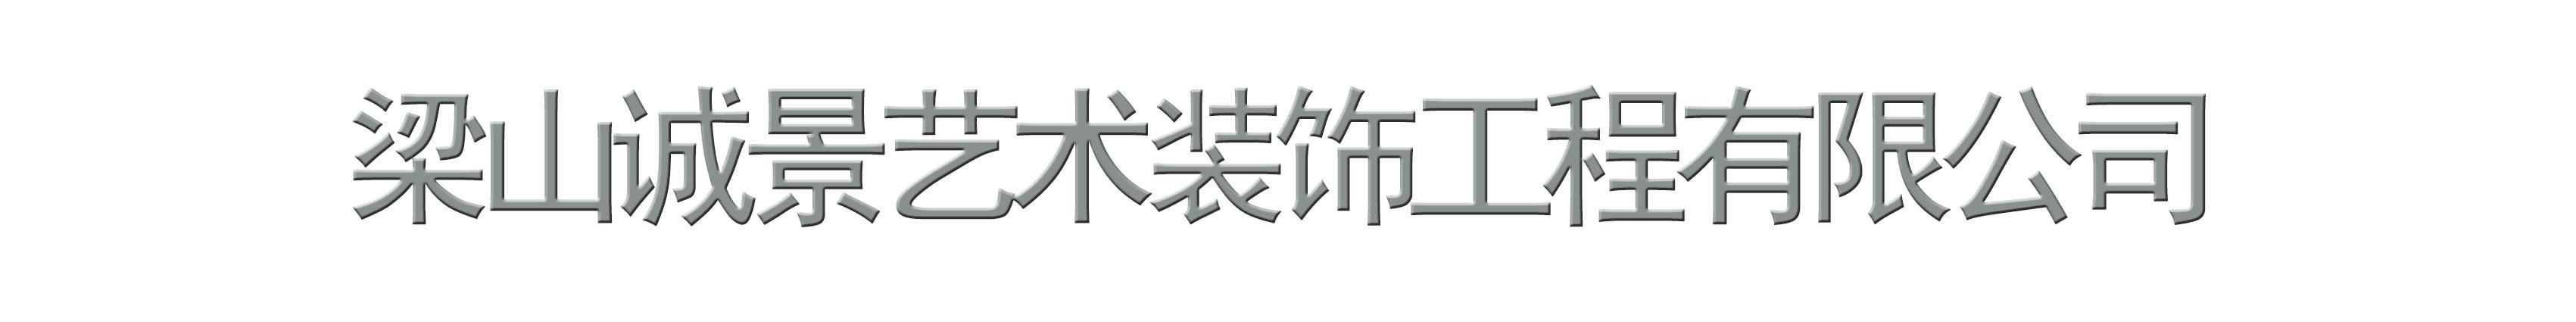 梁山诚景艺术装饰工程有限公司